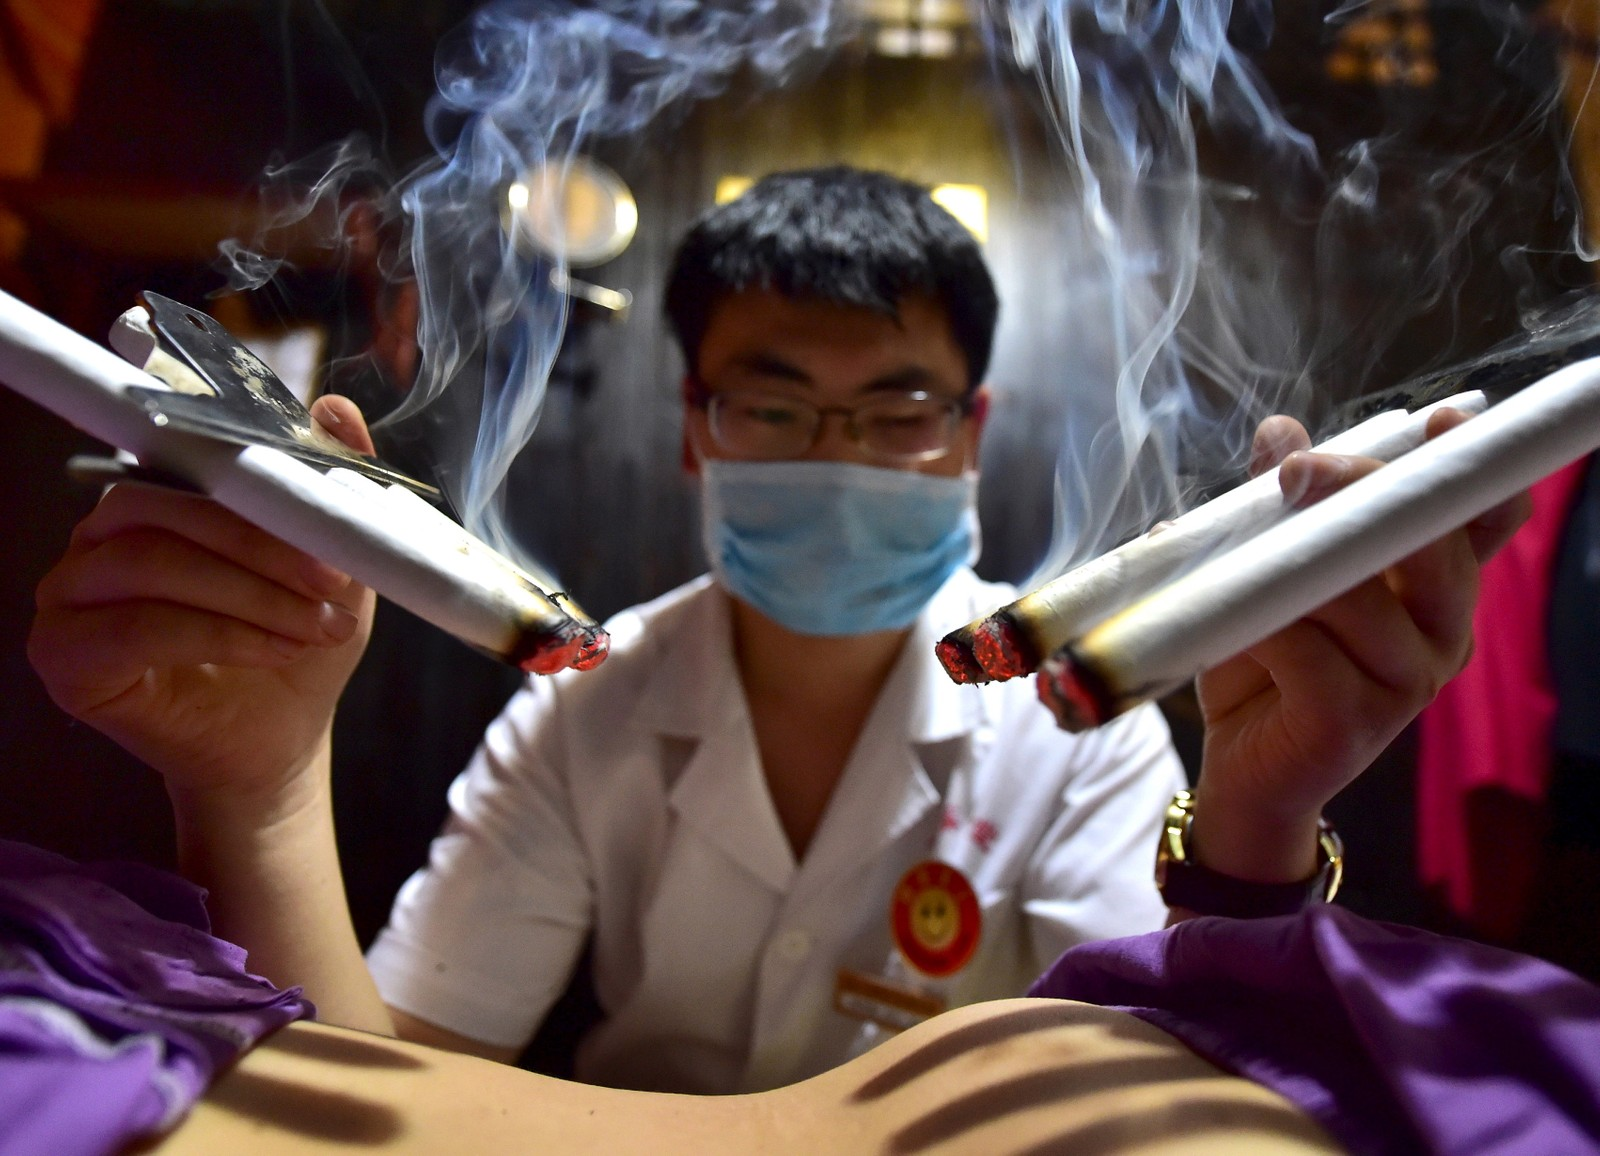 Mange kinesere tror at å brenne urter på såkalte akupunktur-punkter i huden på sommeren kan forhindre sykdom på vinterstid. Denne terapisten i Zhejiang-provinsen behandler en pasient i Yiwu.